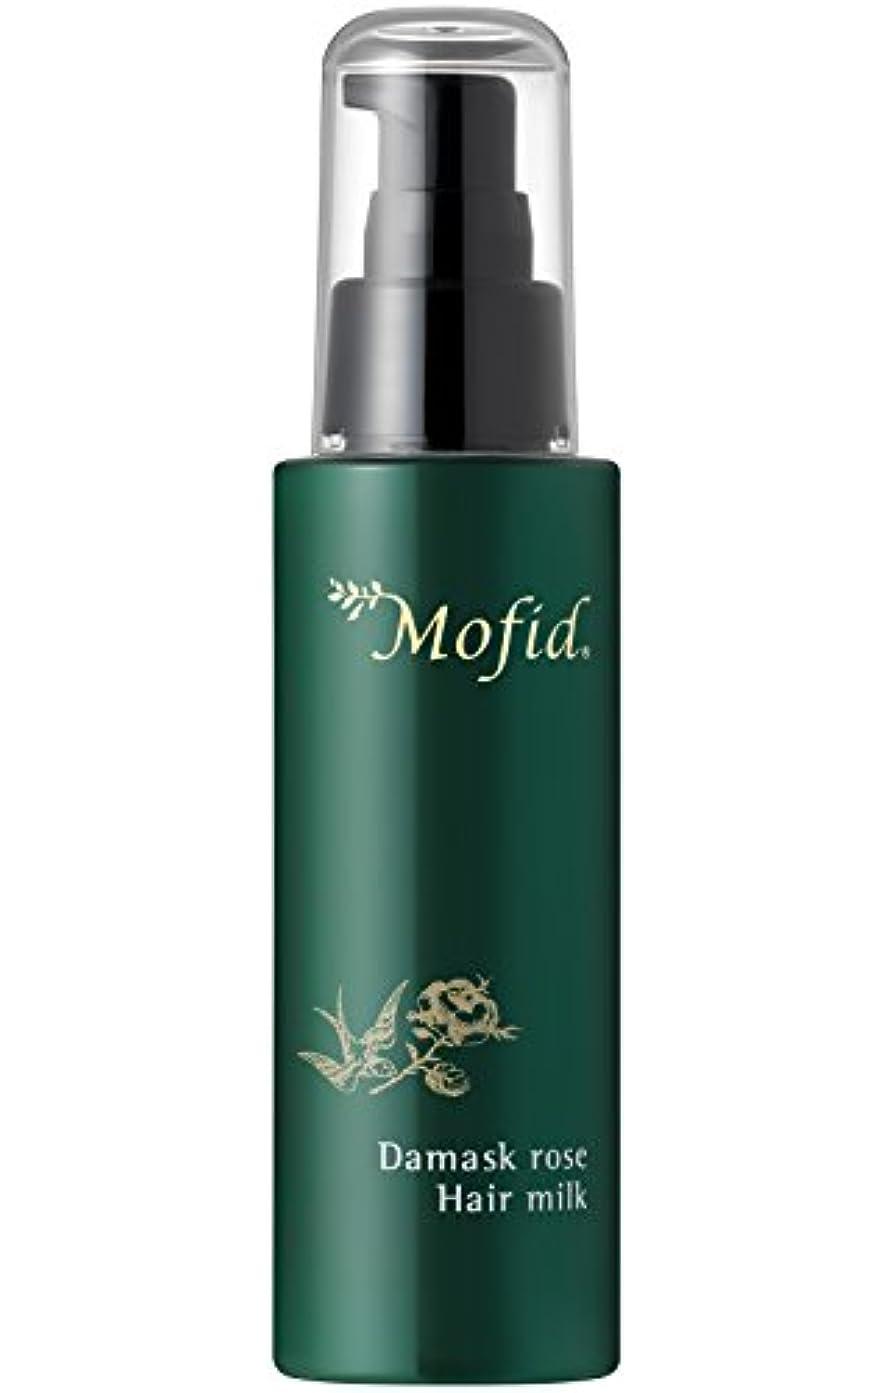 日本製 オーガニック ヘアミルク 100ml 【ハラル Halal 認証】 モフィード Mofid Damask Rose Hair Milk